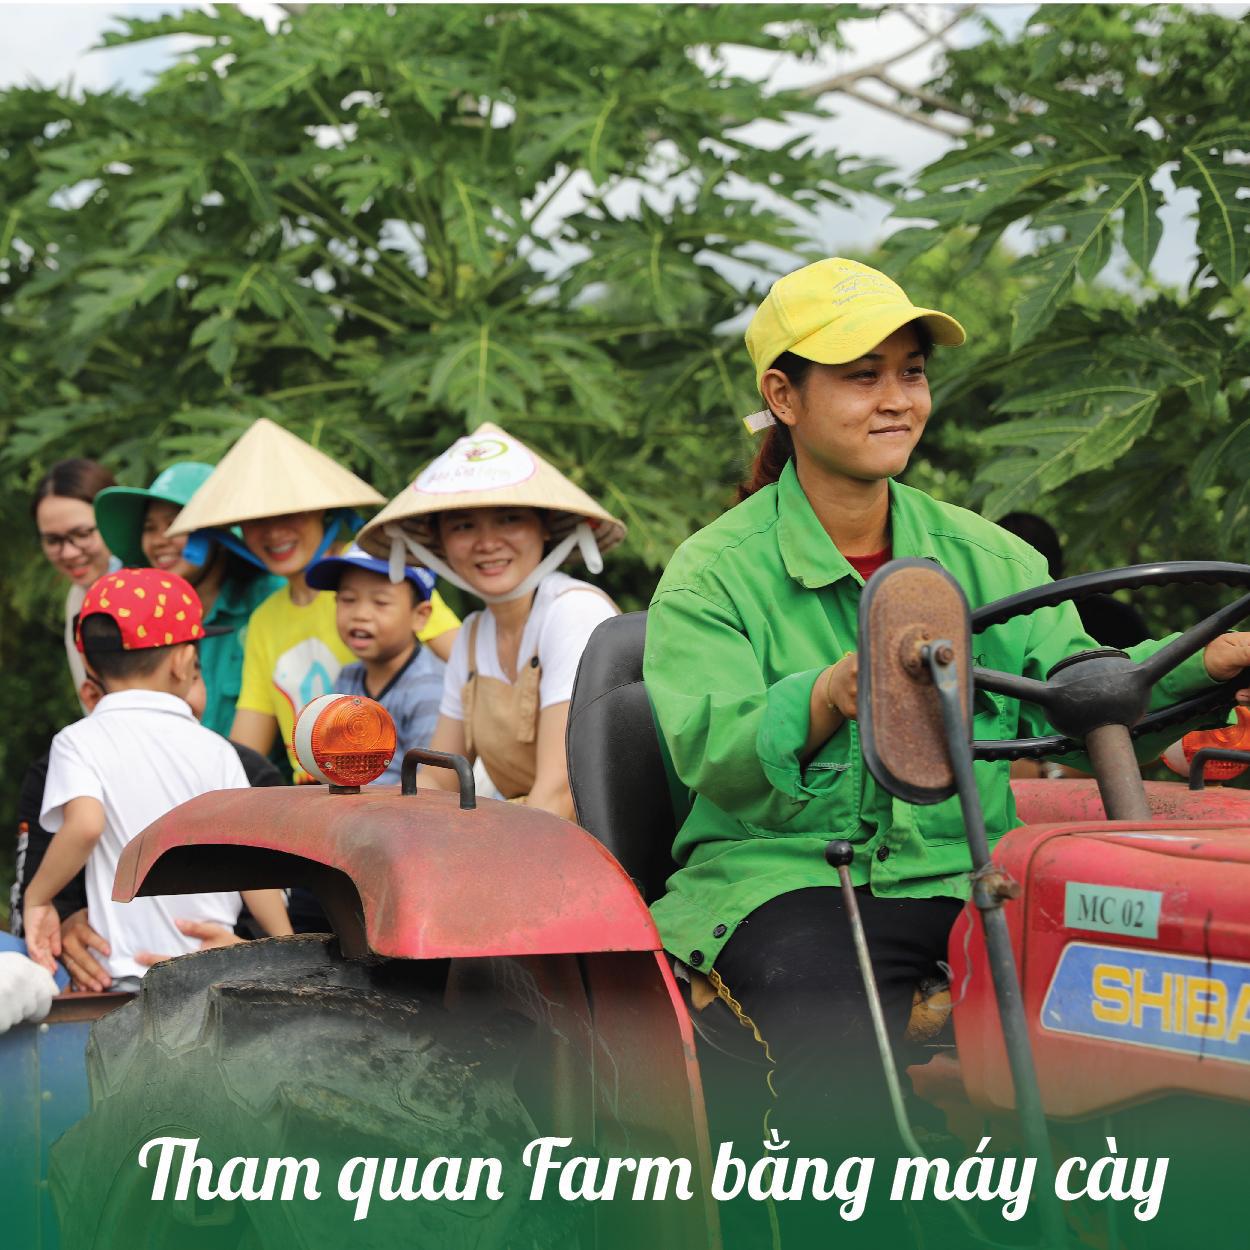 Dịch vụ tham quan Bảo Gia Farm bằng máy cày